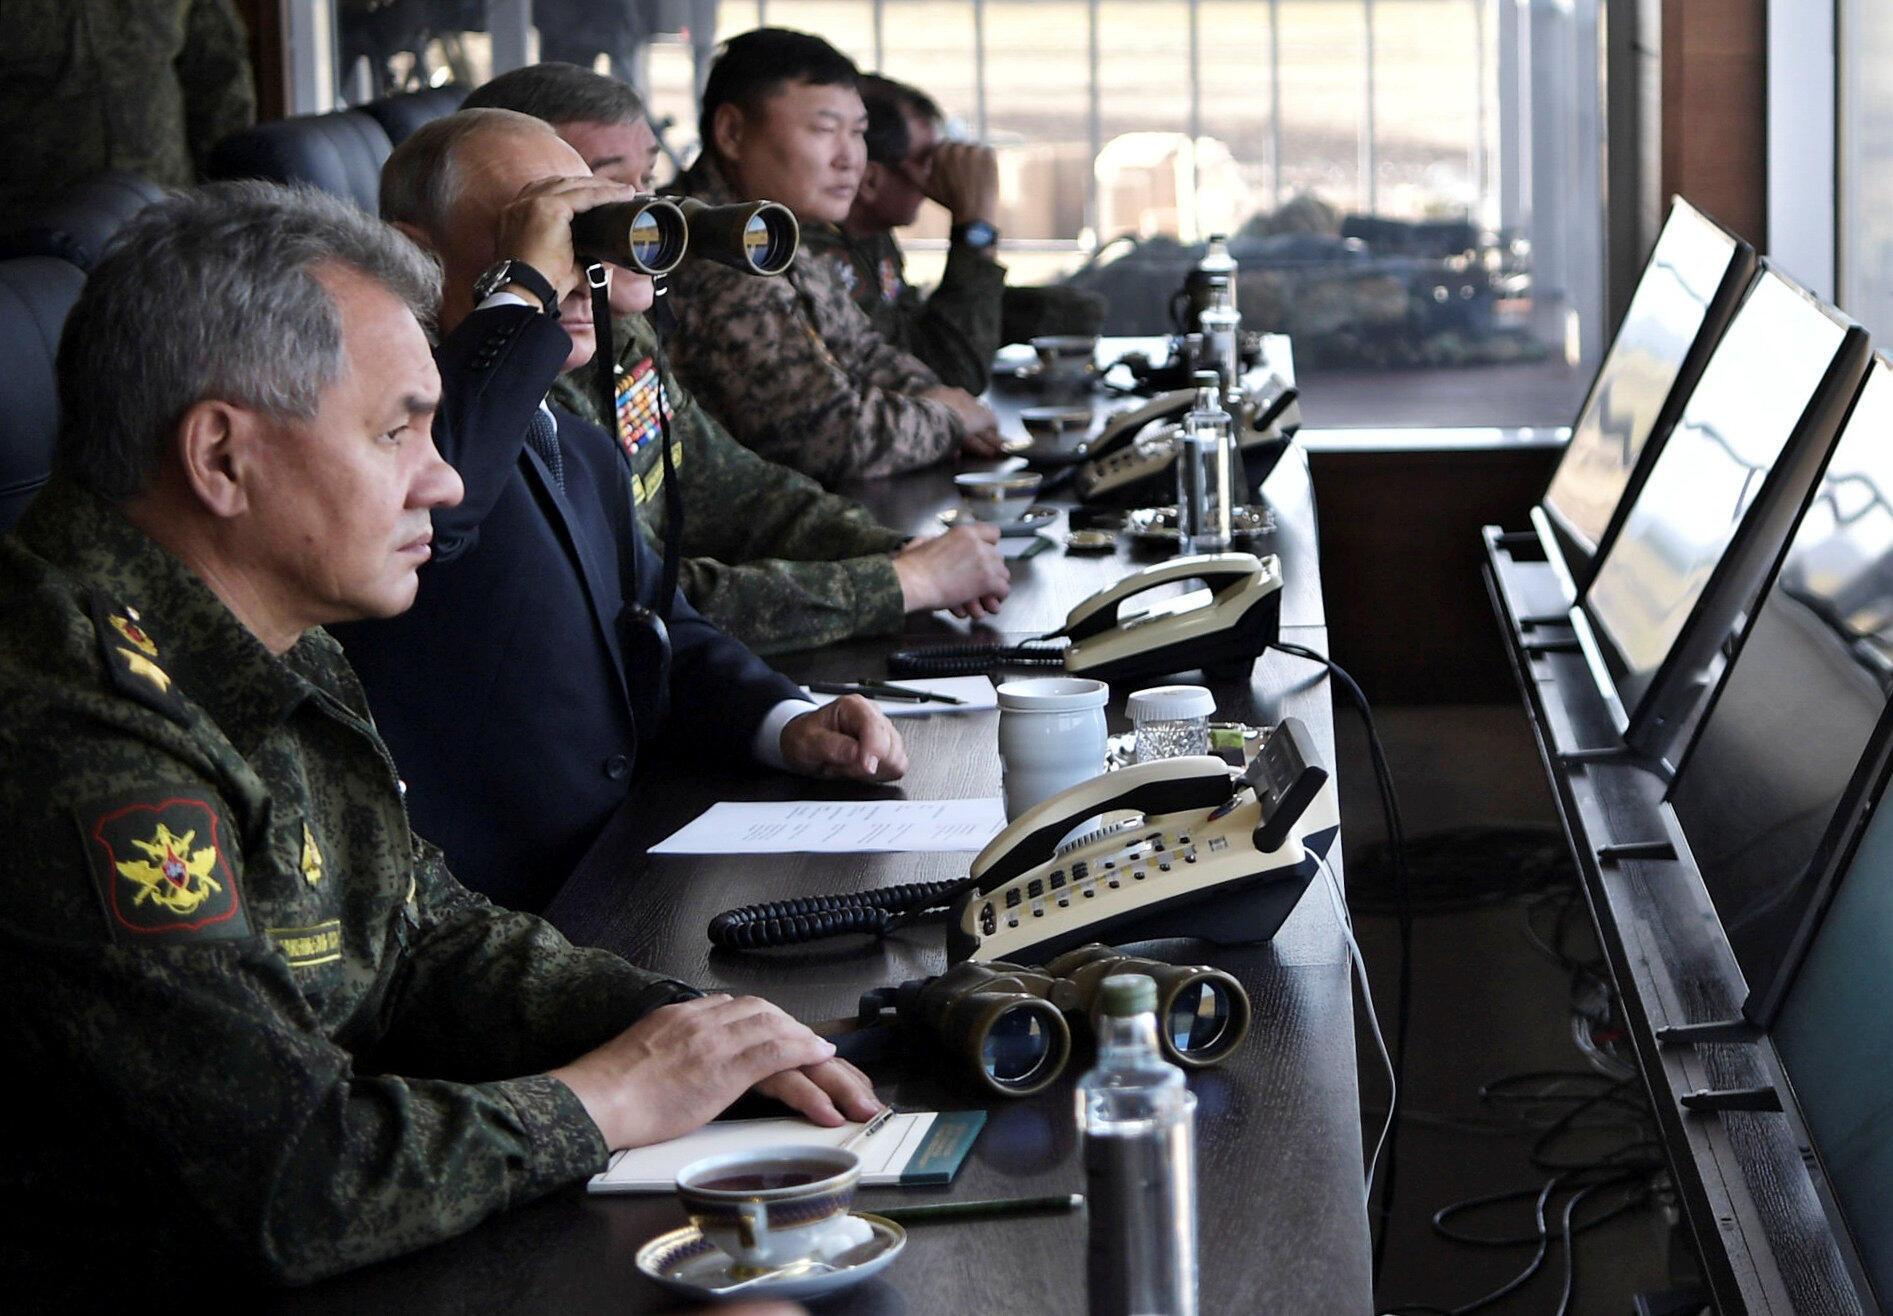 2018年9月13日俄羅斯總統普京觀看俄羅斯最近四十年最大規模軍事演習。